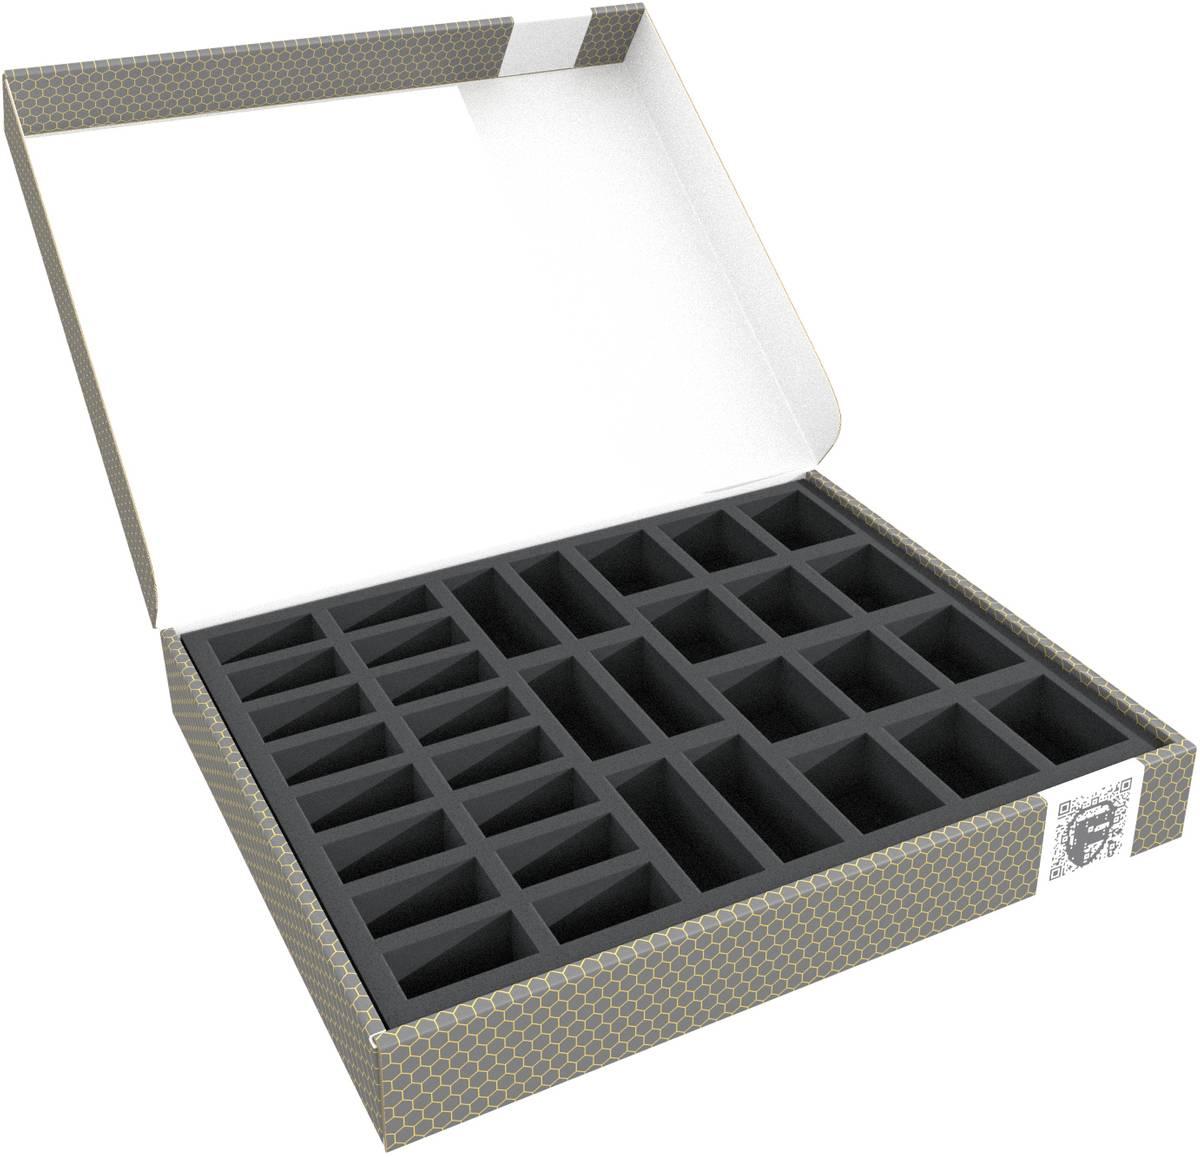 Feldherr Lagerbox FSLB040 für 34 Miniaturen